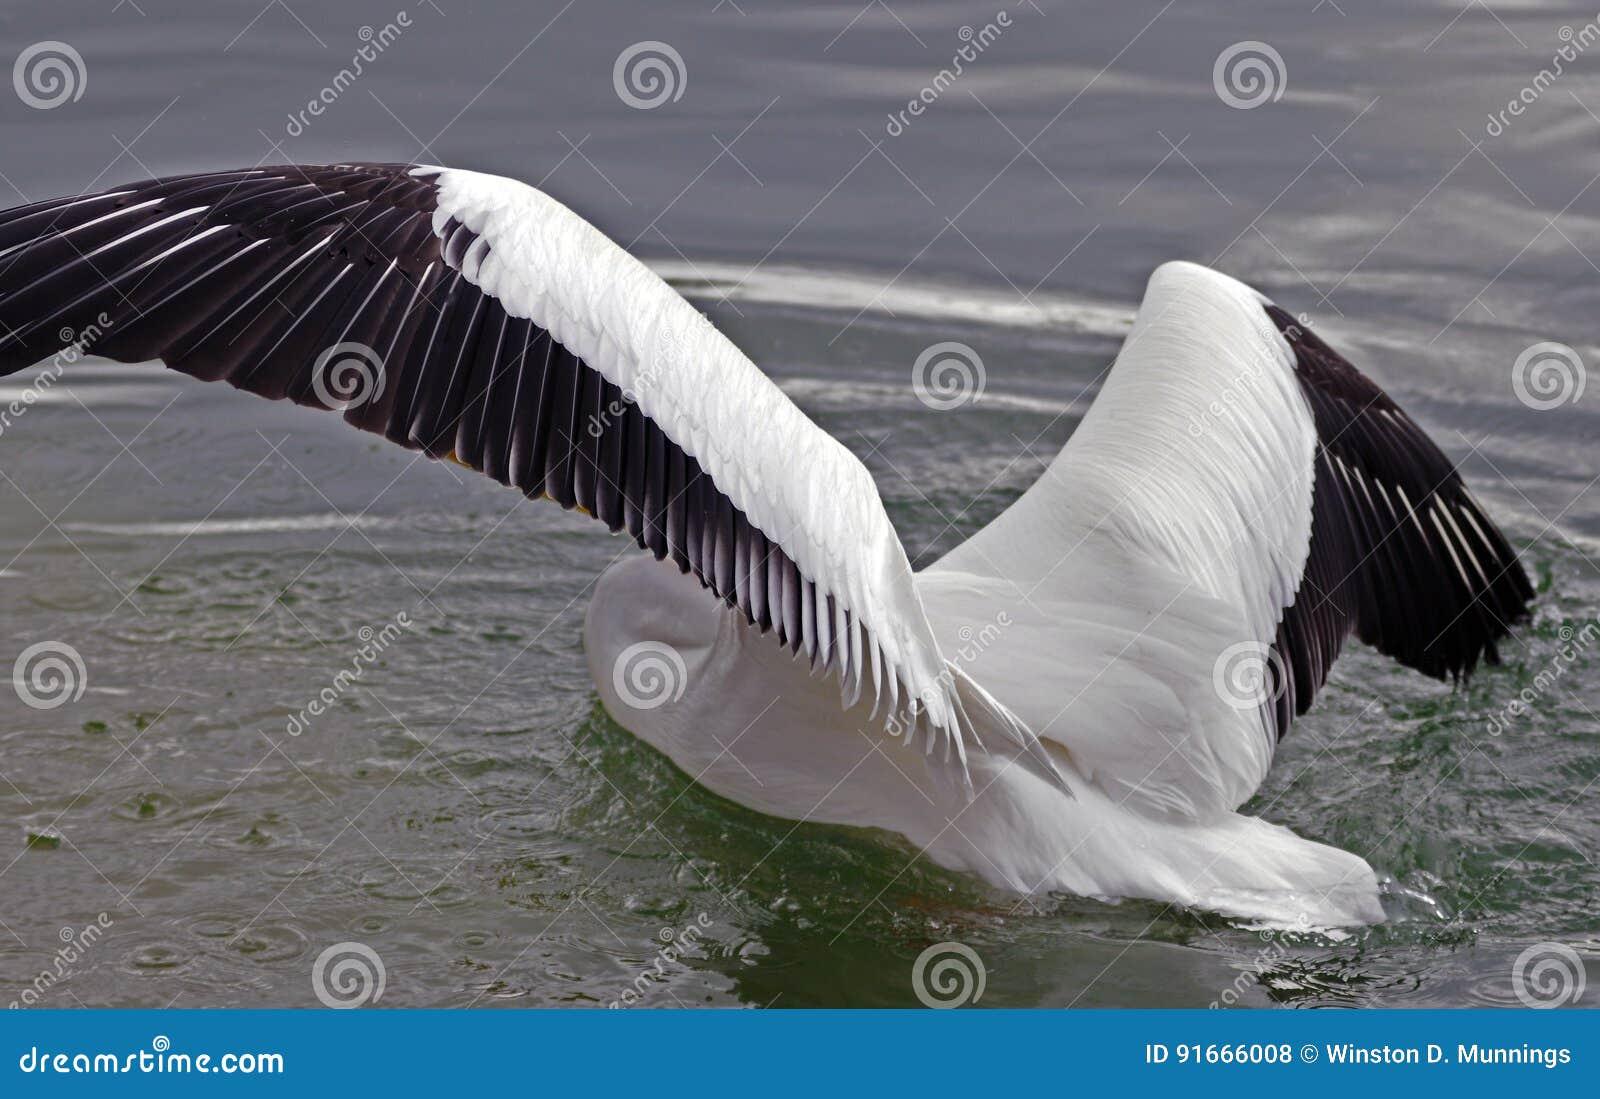 Pelícano blanco americano